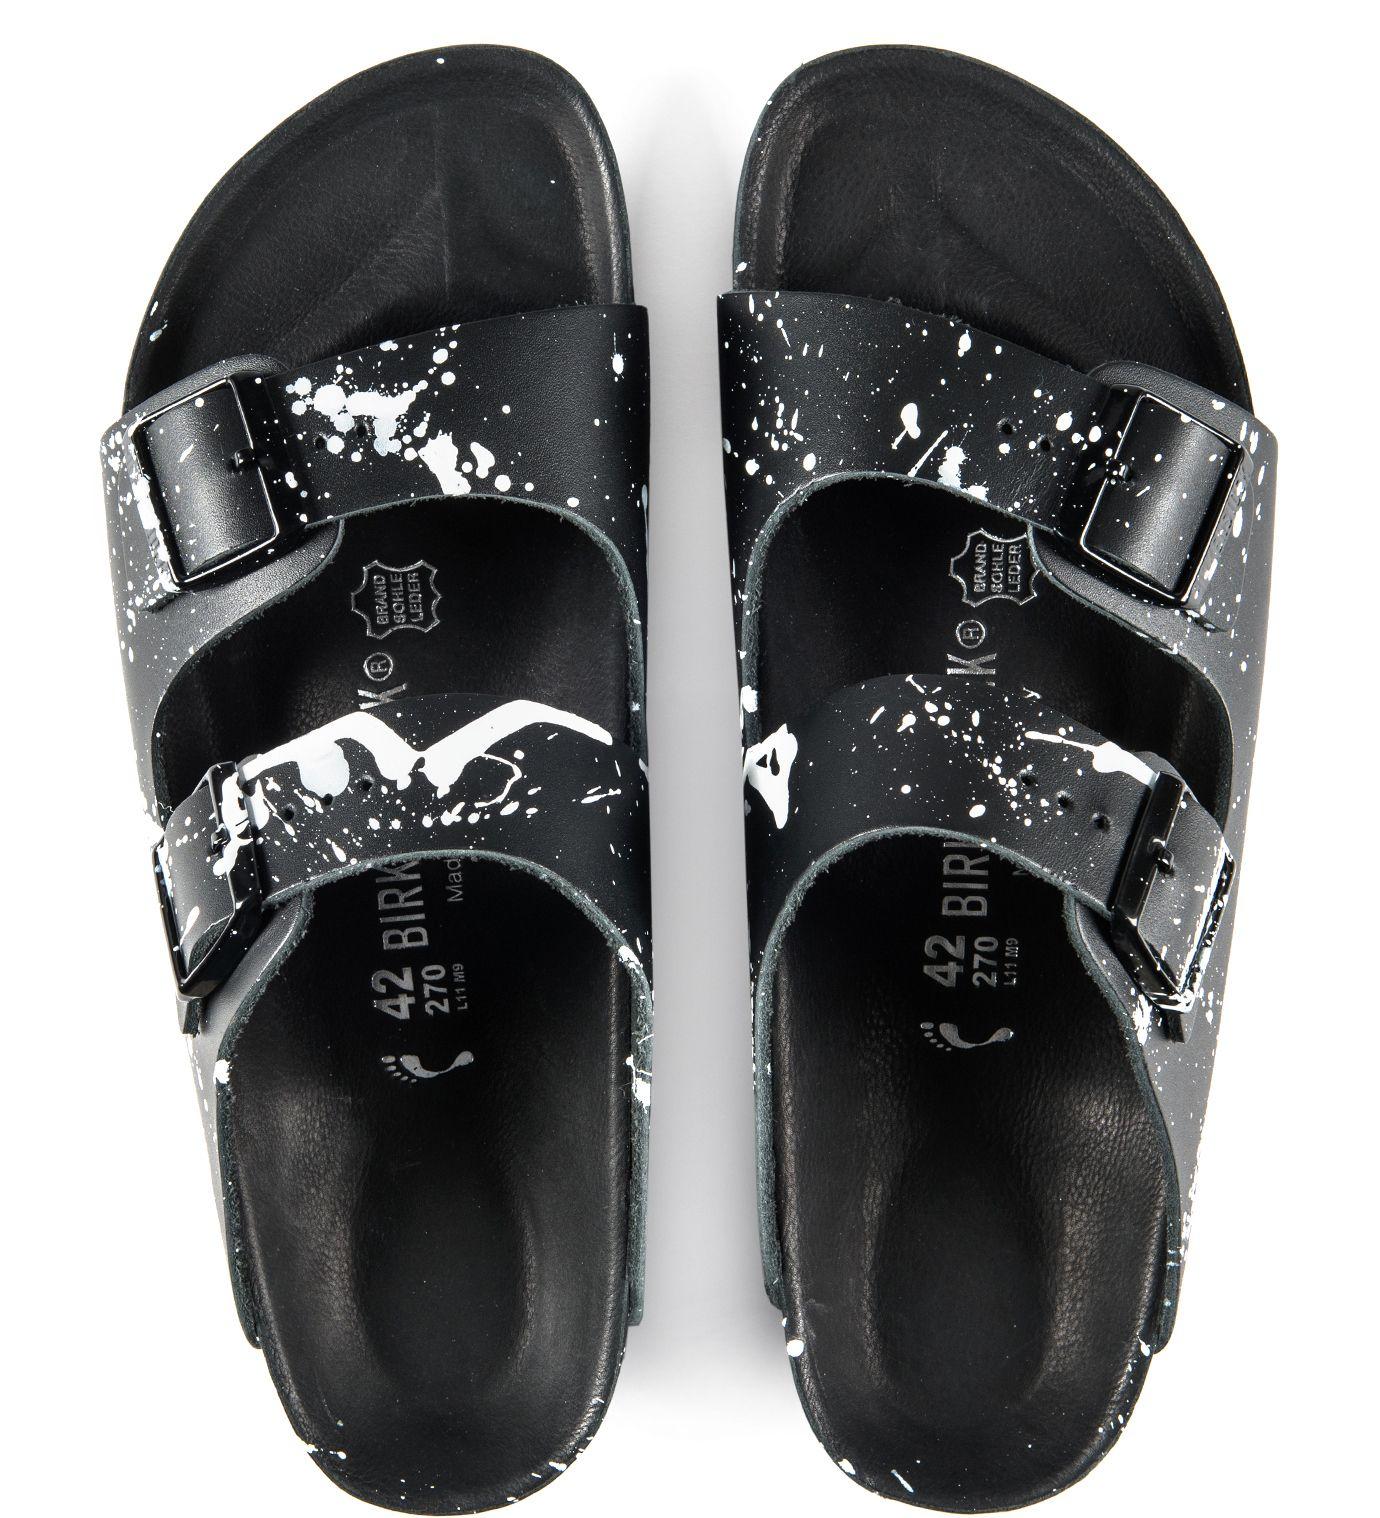 55dsl X Birkenstock Monterey Sandal Gq Sandalias